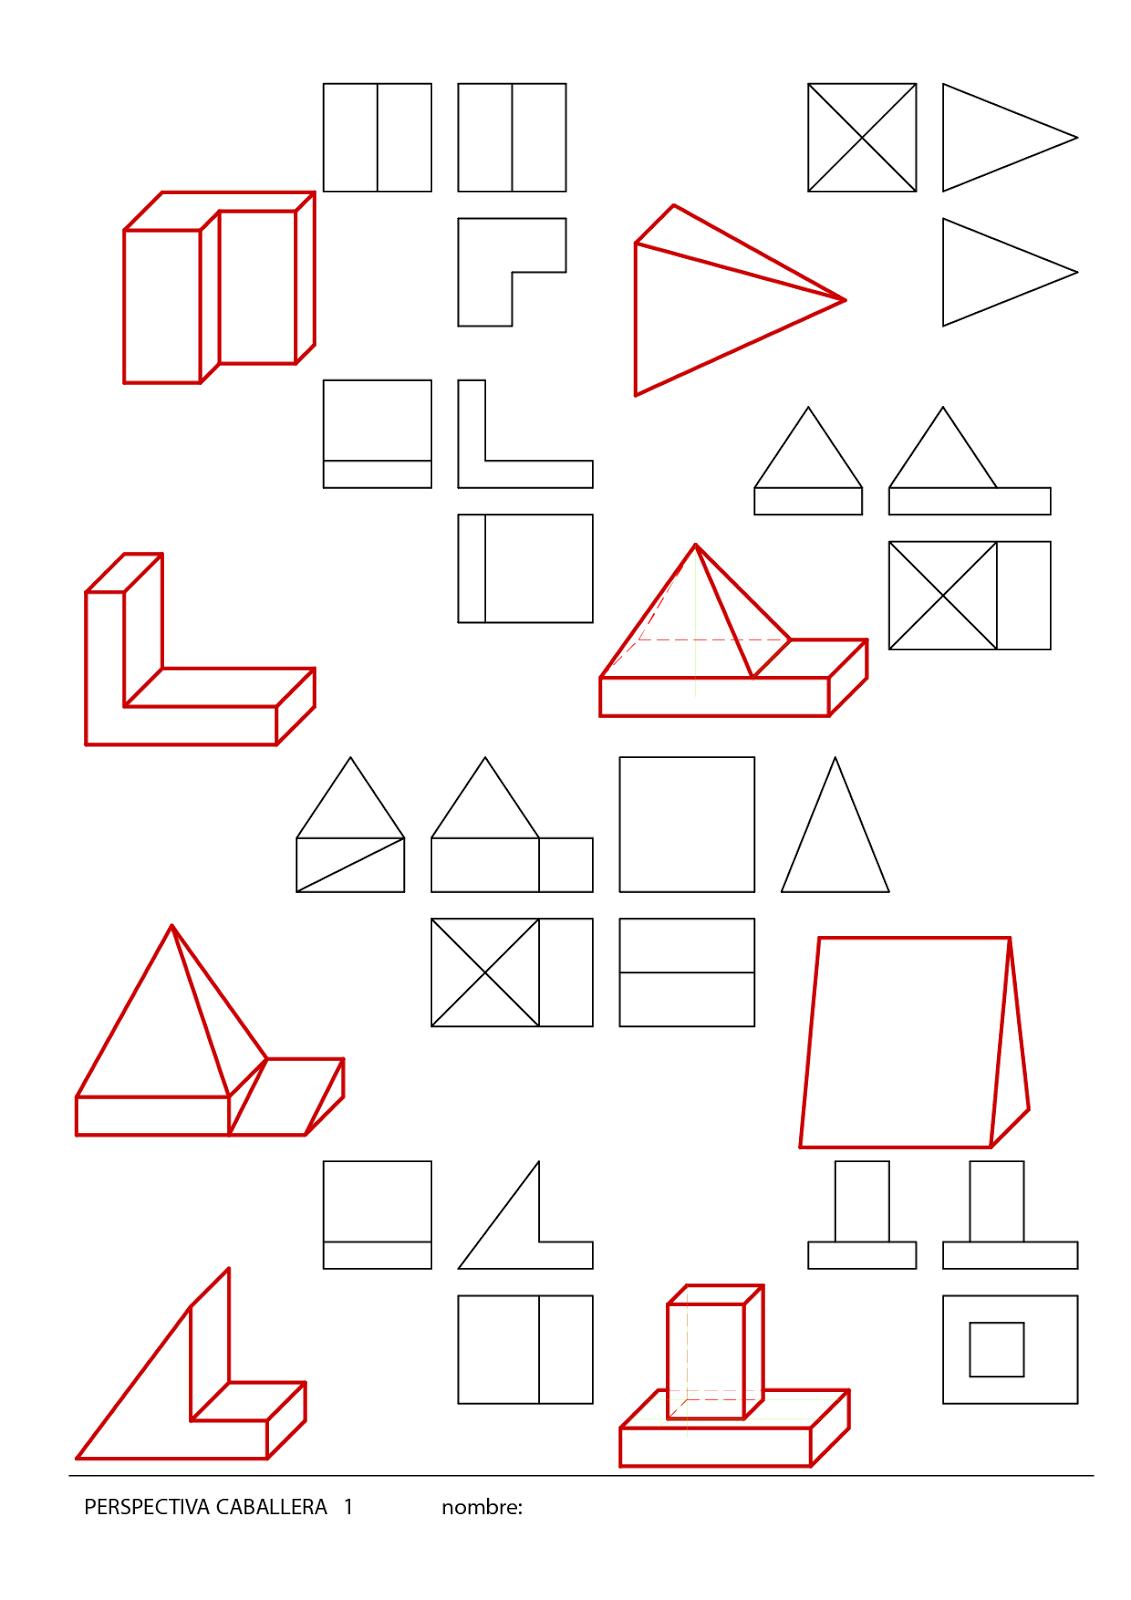 ejercicios diedrico selectividad pdf